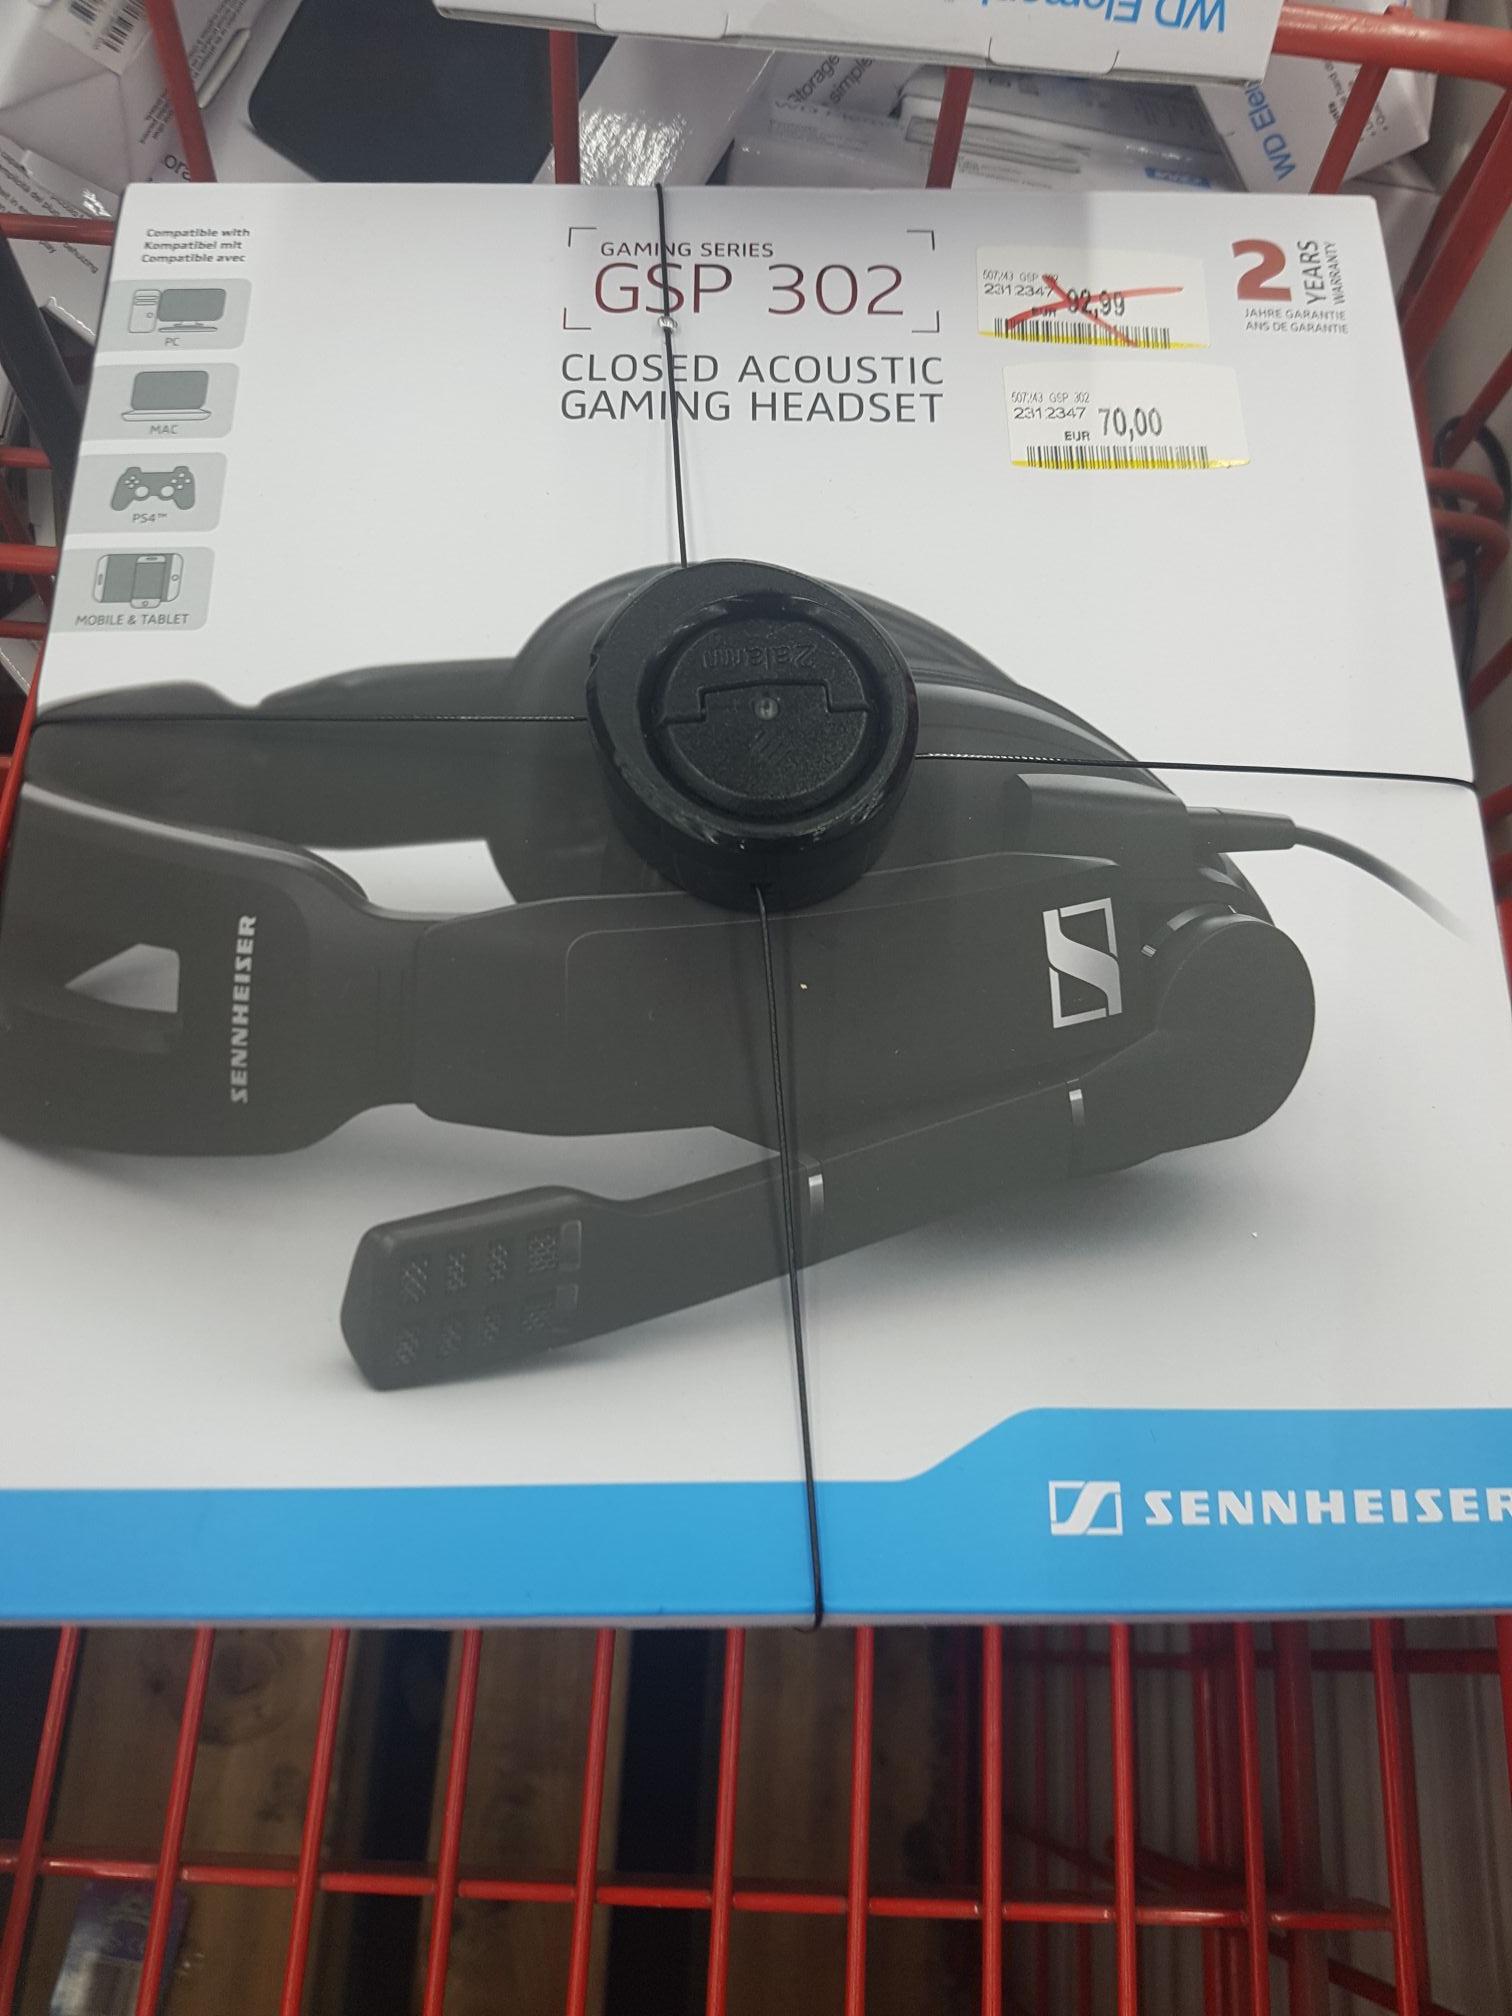 Sennheiser Gaming Series GSP 302